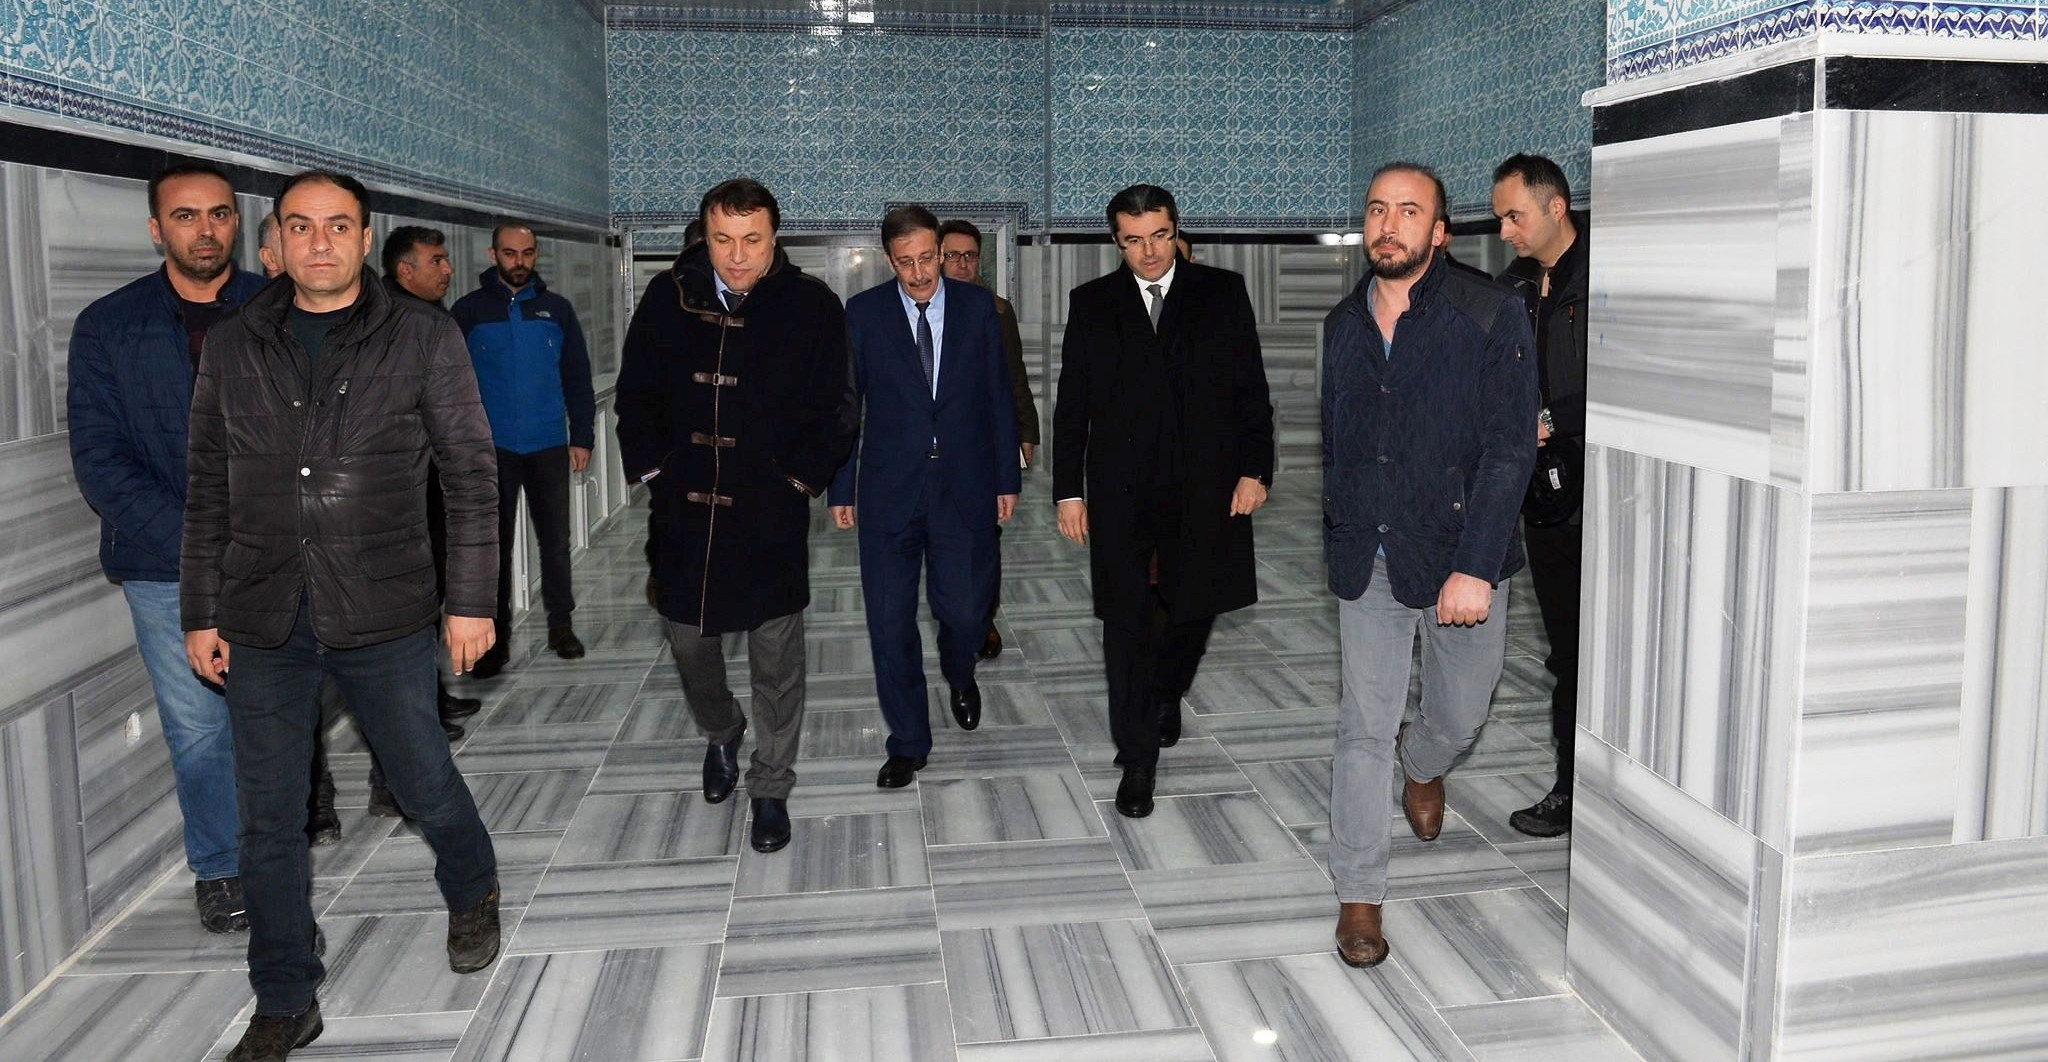 Vali Memiş, Palandöken Belediyesinin yatırımlarına hayran kaldı